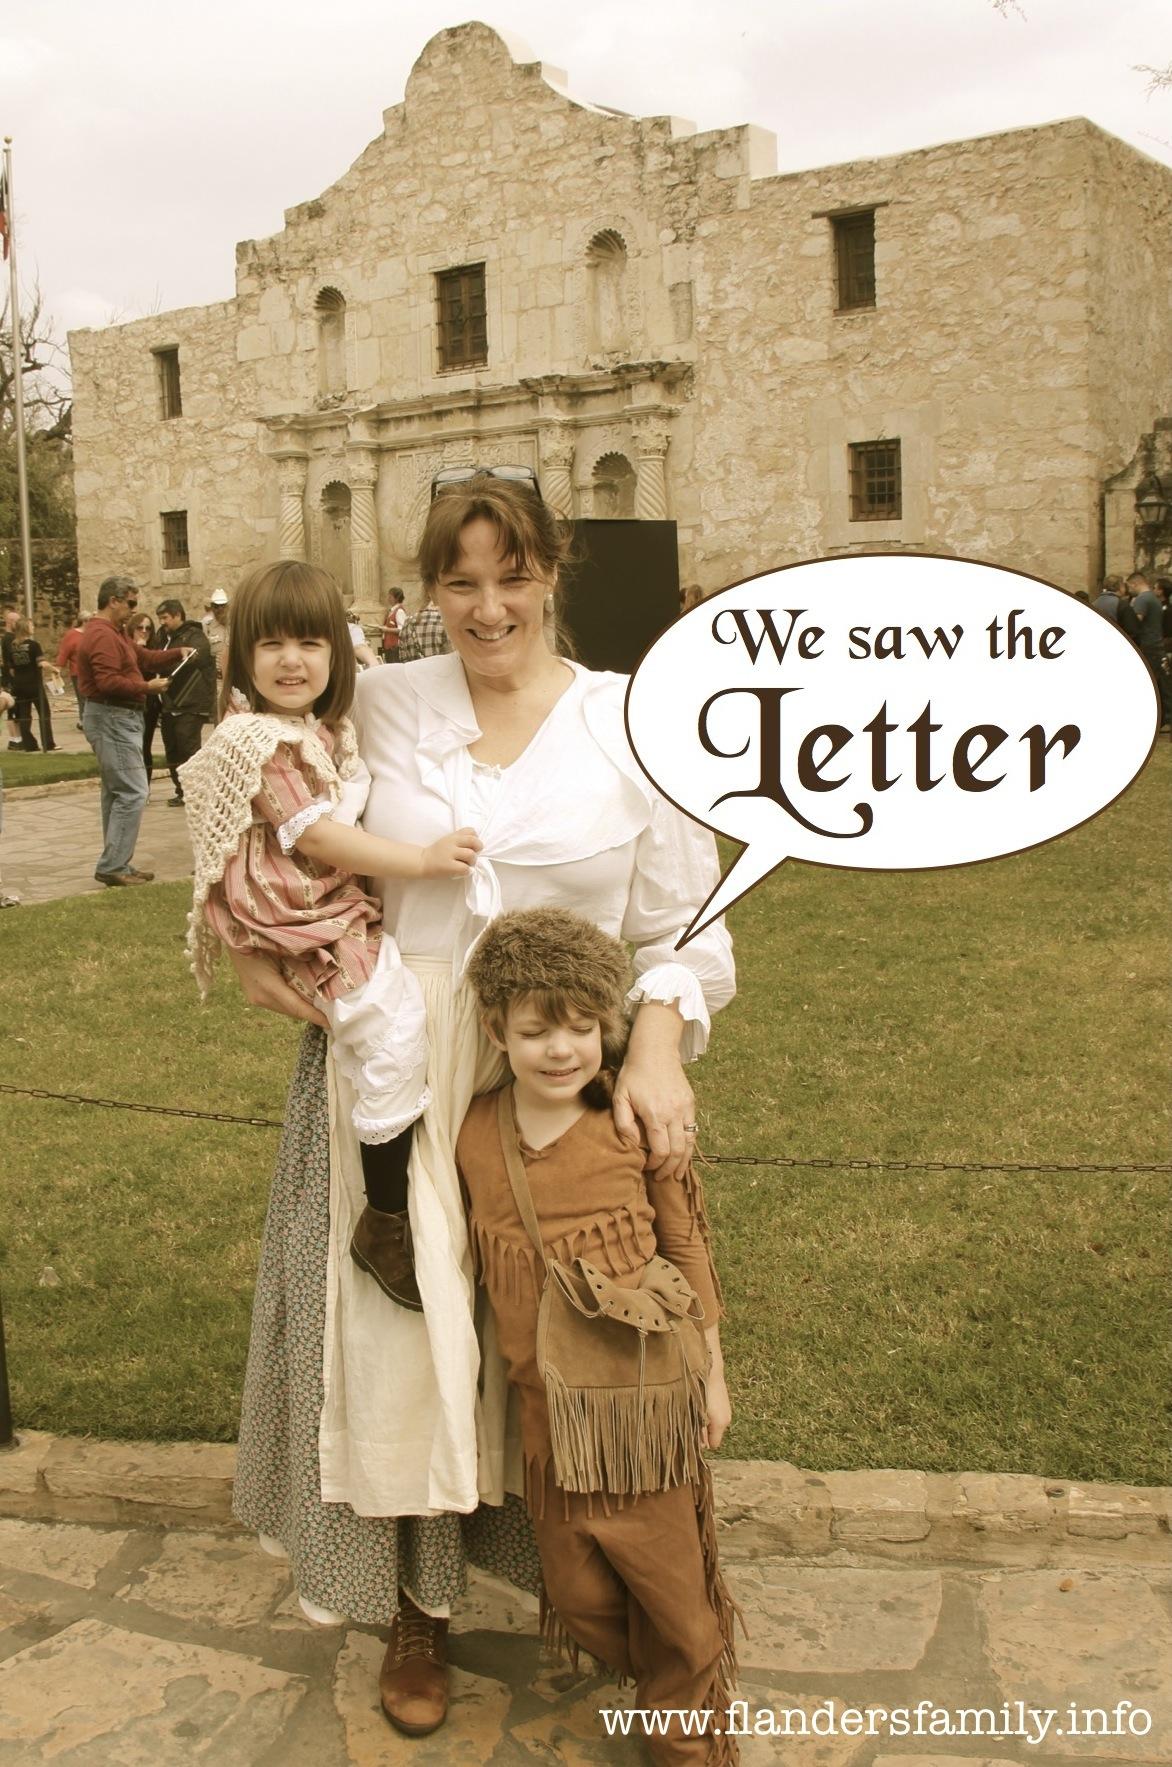 The Travis Letter Returns